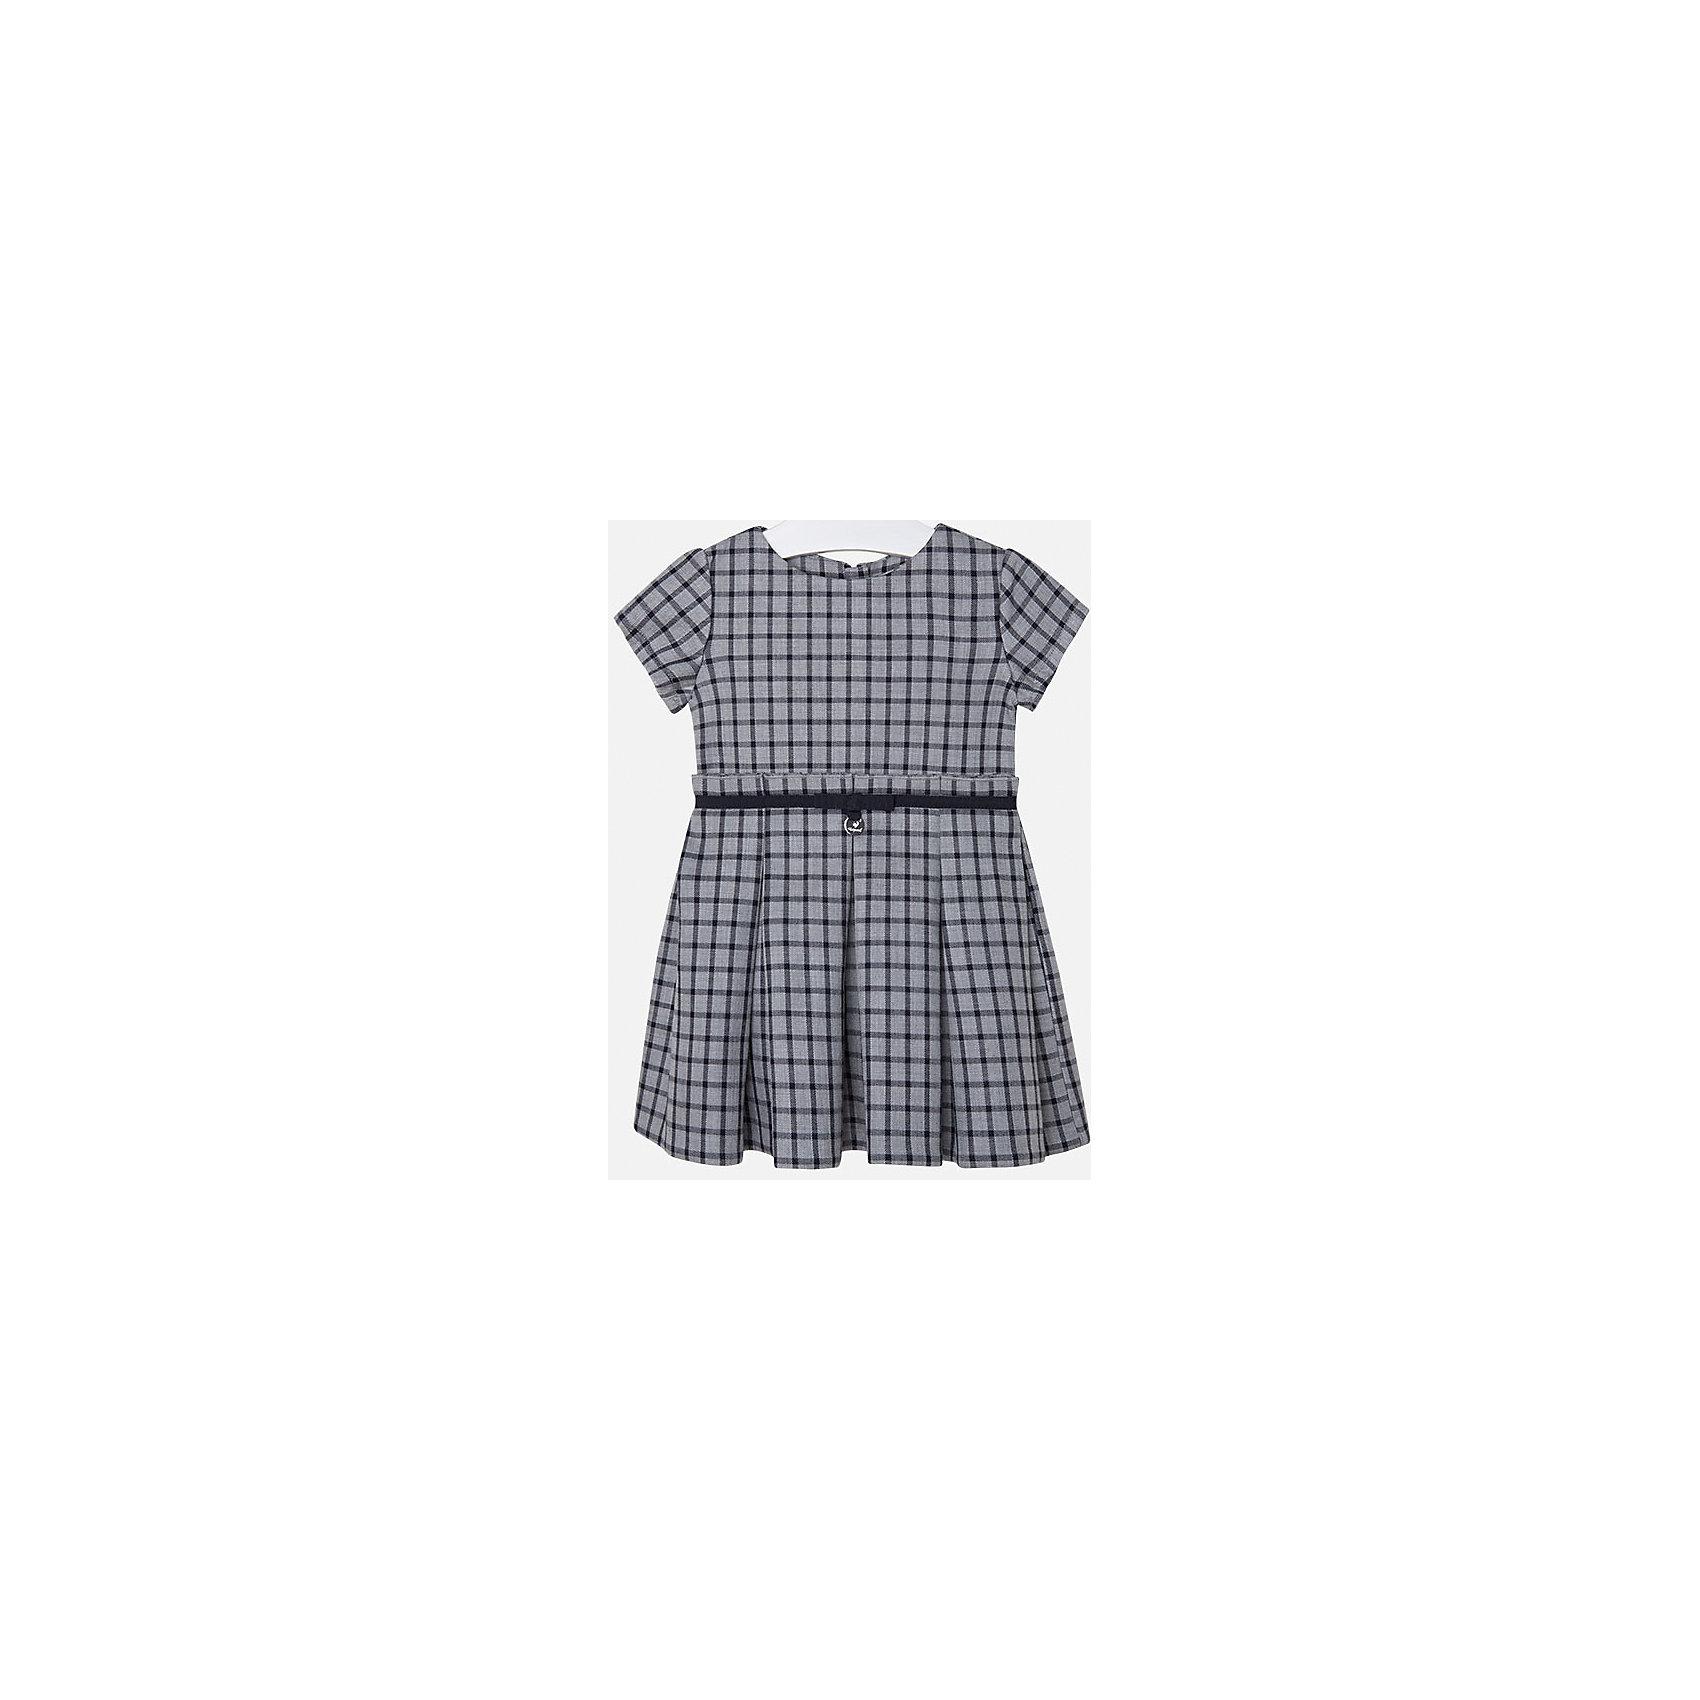 Платье для девочки MayoralОсенне-зимние платья и сарафаны<br>Платье для девочки от испанского бренда Mayoral(Майорал). Модель с коротким рукавом, приталенным силуэтом и поясом на талии. Классическое клетчатое платье - прекрасный вариант для важных мероприятий!<br>Дополнительная информация:<br>-короткие рукава, приталенный силуэт, пояс на талии<br>-цвет: серый<br>-состав. 100% вискоза; подкладка: 100% вискоза<br>Платье Mayoral(Майорал) вы можете купить в нашем интернет-магазине.<br><br>Ширина мм: 236<br>Глубина мм: 16<br>Высота мм: 184<br>Вес г: 177<br>Цвет: синий<br>Возраст от месяцев: 48<br>Возраст до месяцев: 60<br>Пол: Женский<br>Возраст: Детский<br>Размер: 110,122,134,104,92,98,116,128<br>SKU: 4844414